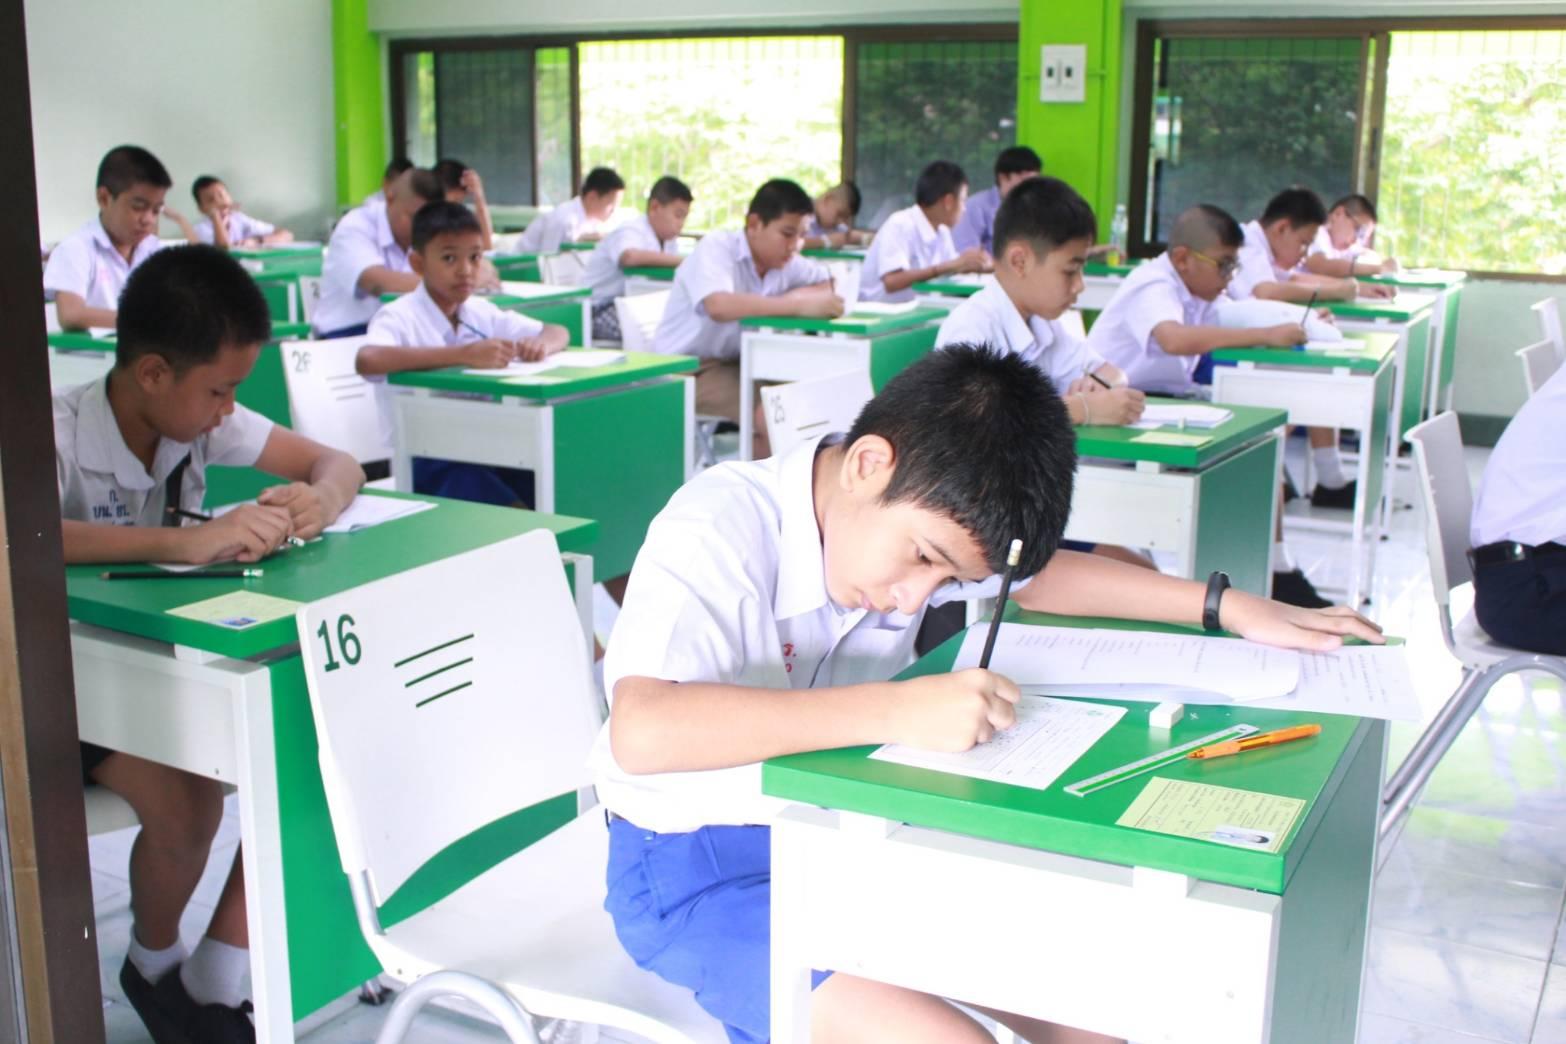 10 อันดับโรงเรียนดังใน กทม.แห่สมัครสอบเข้า ม.1 สูงสุด